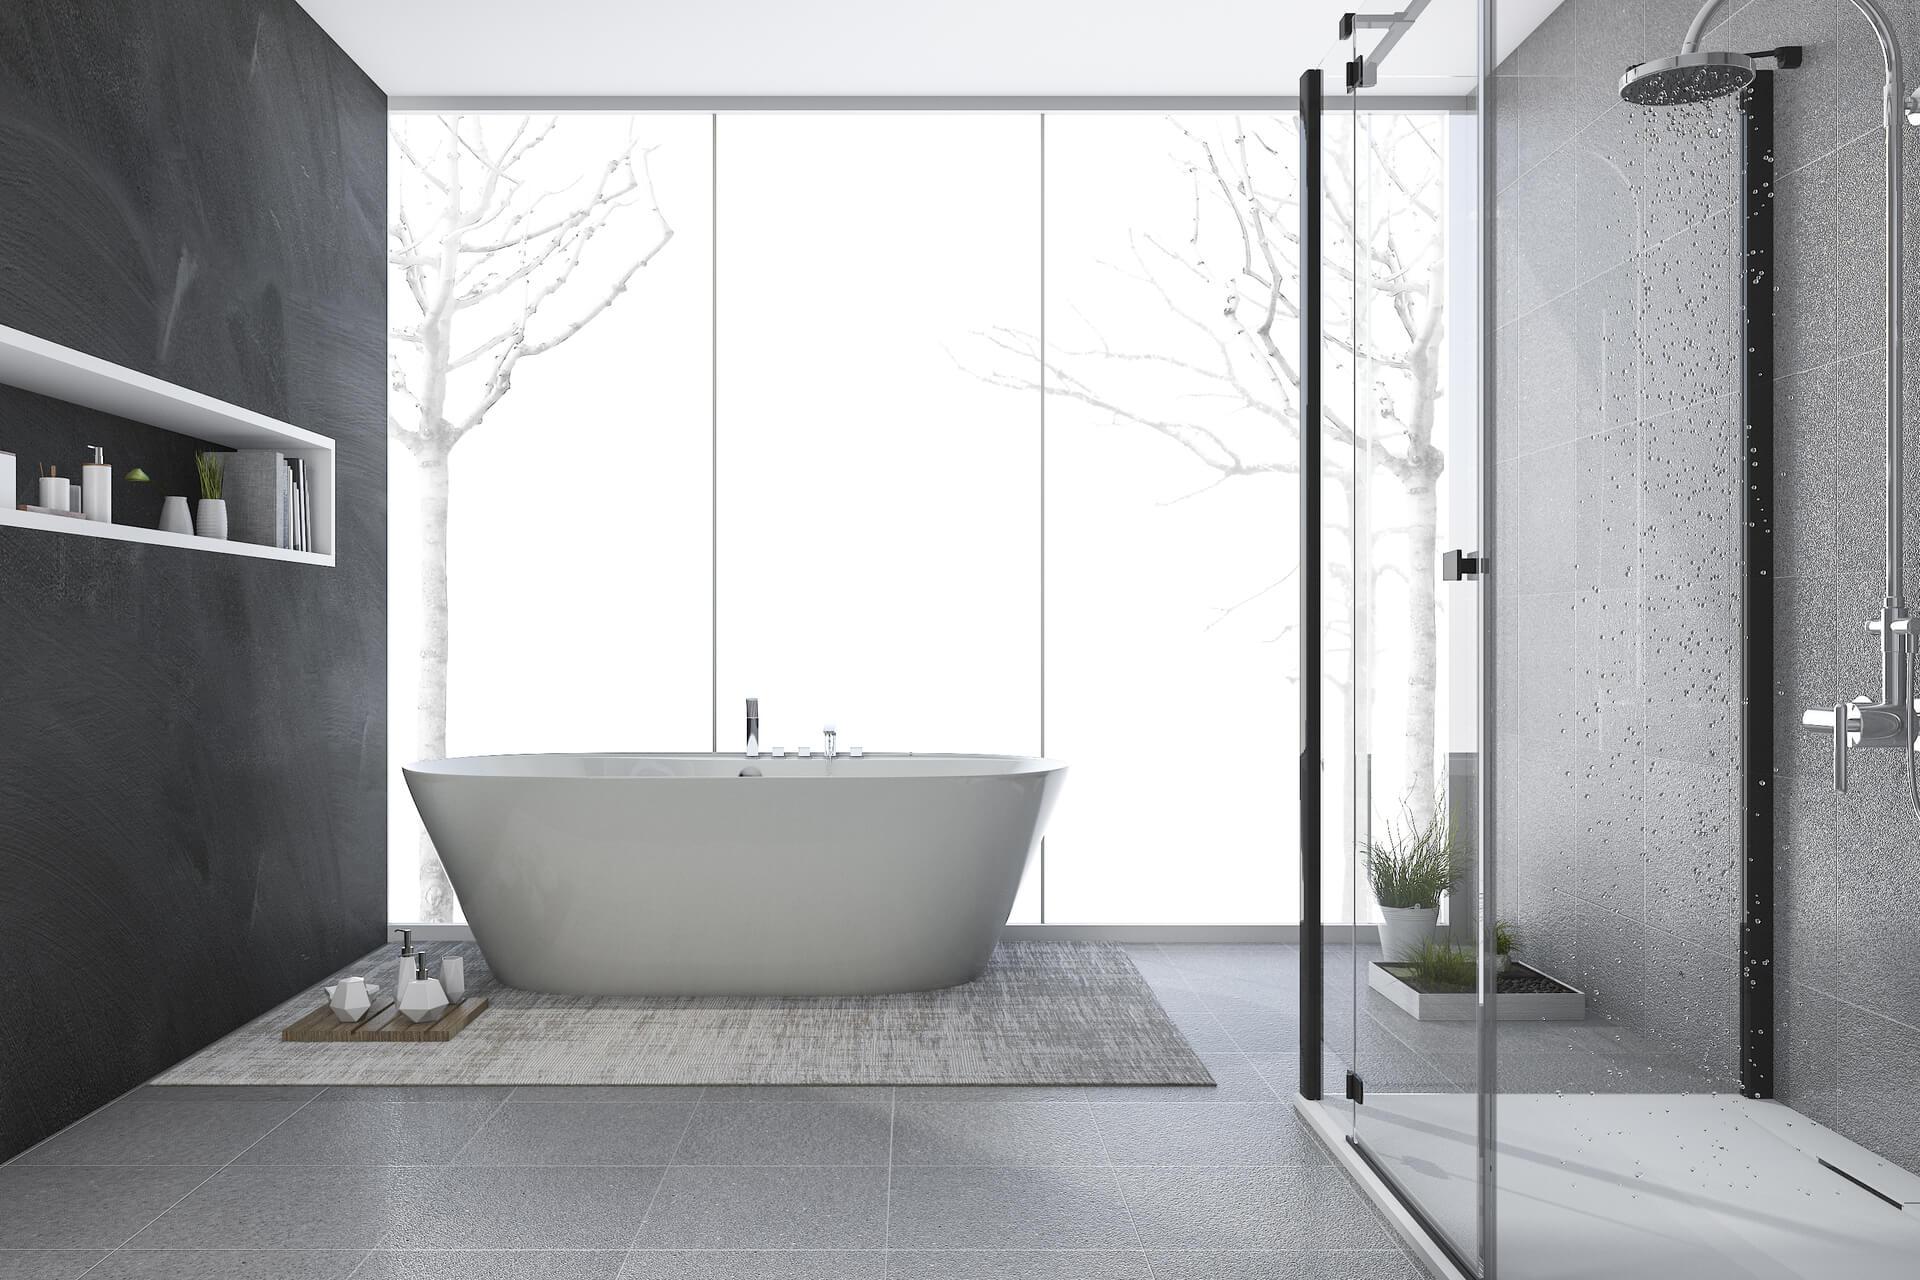 כלים סנטרים וארונות אמבטיה 6